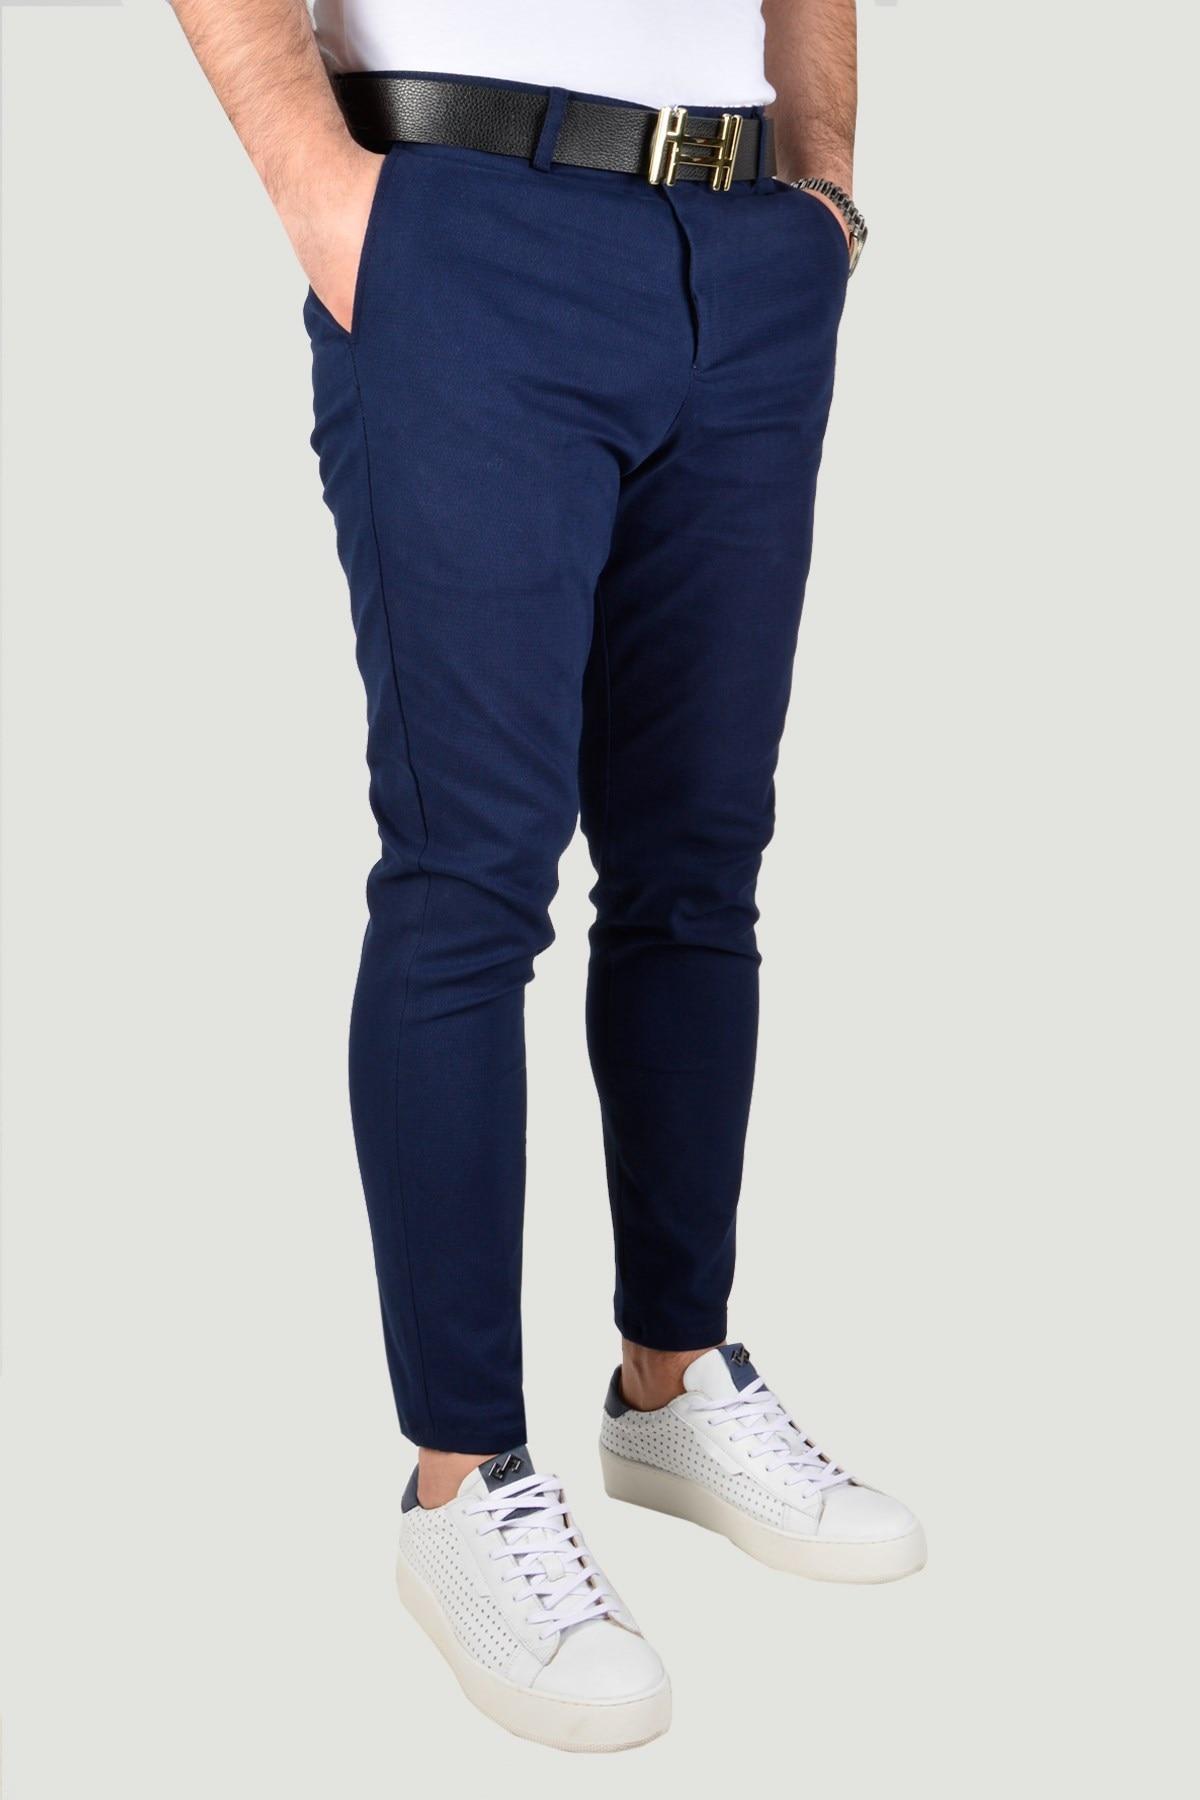 Мужские льняные брюки 9Y-2200189-008 темно-синие